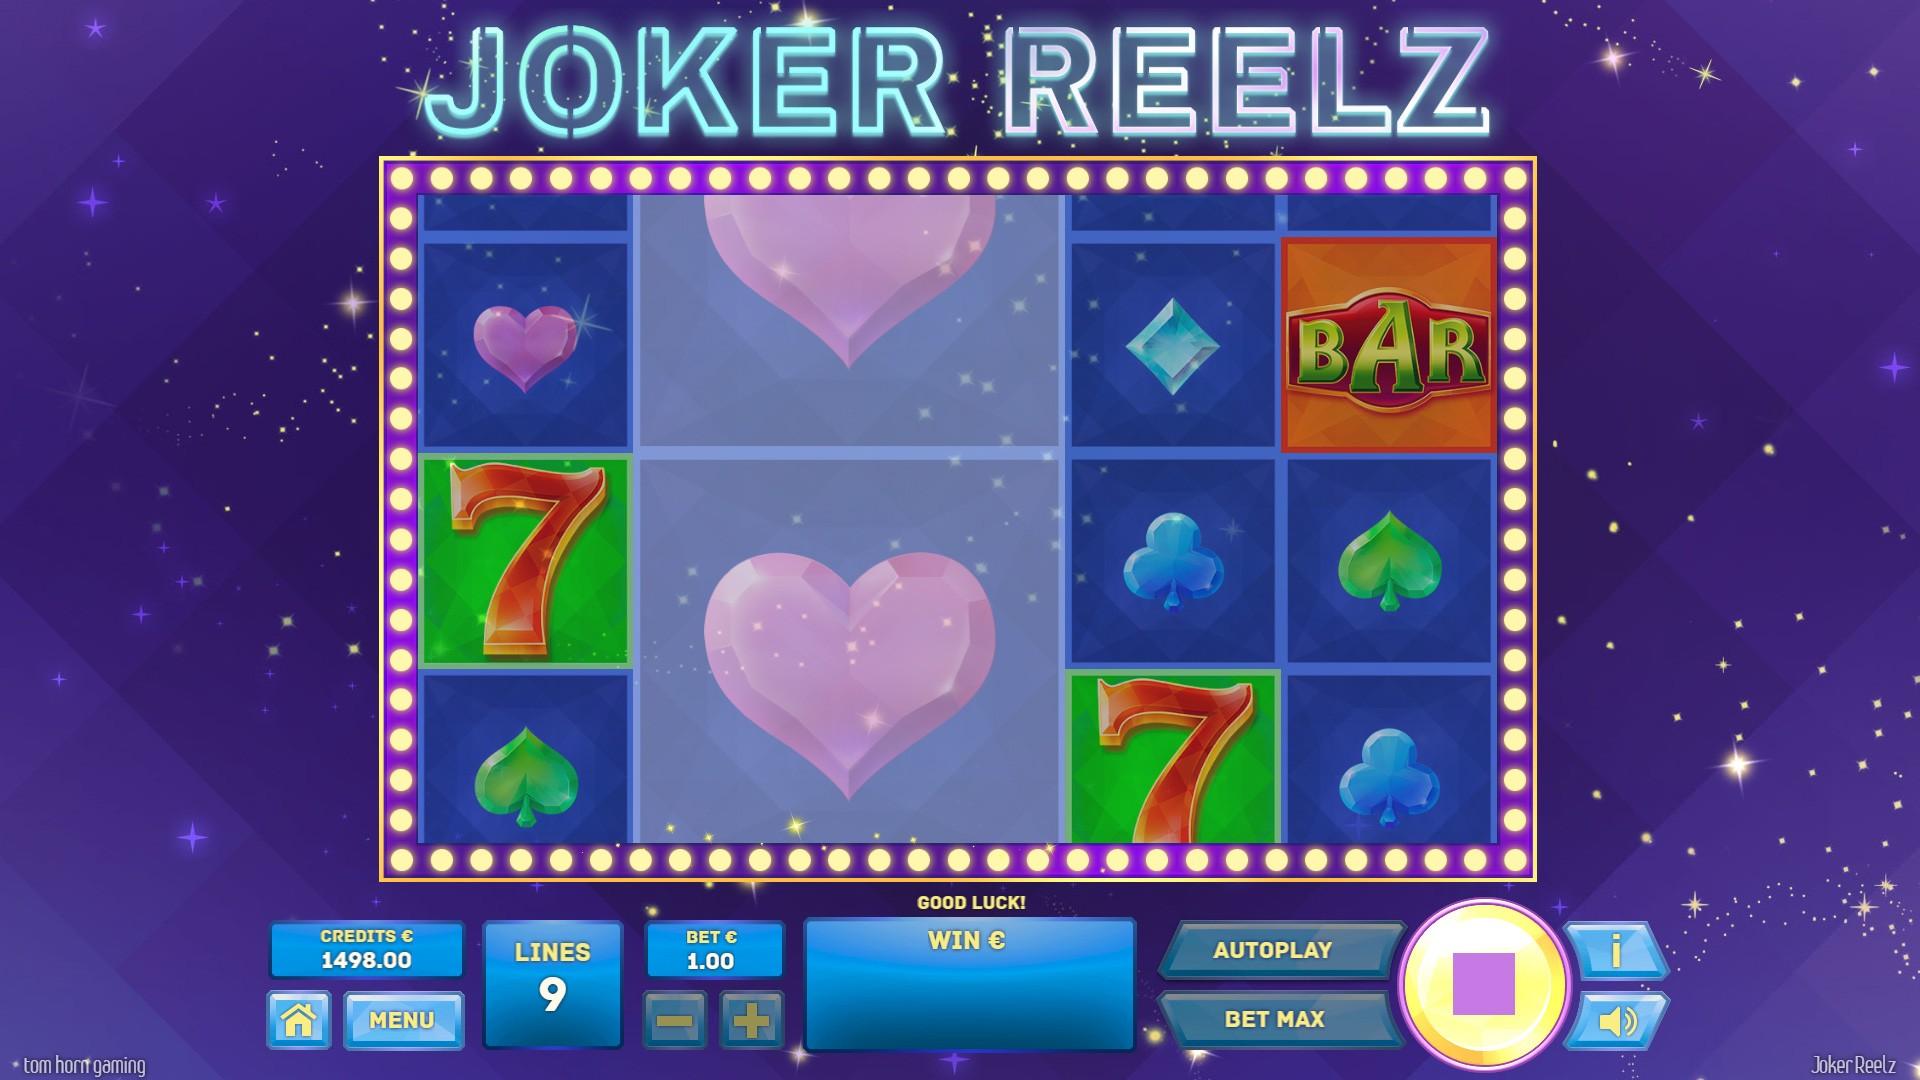 Rush online casino